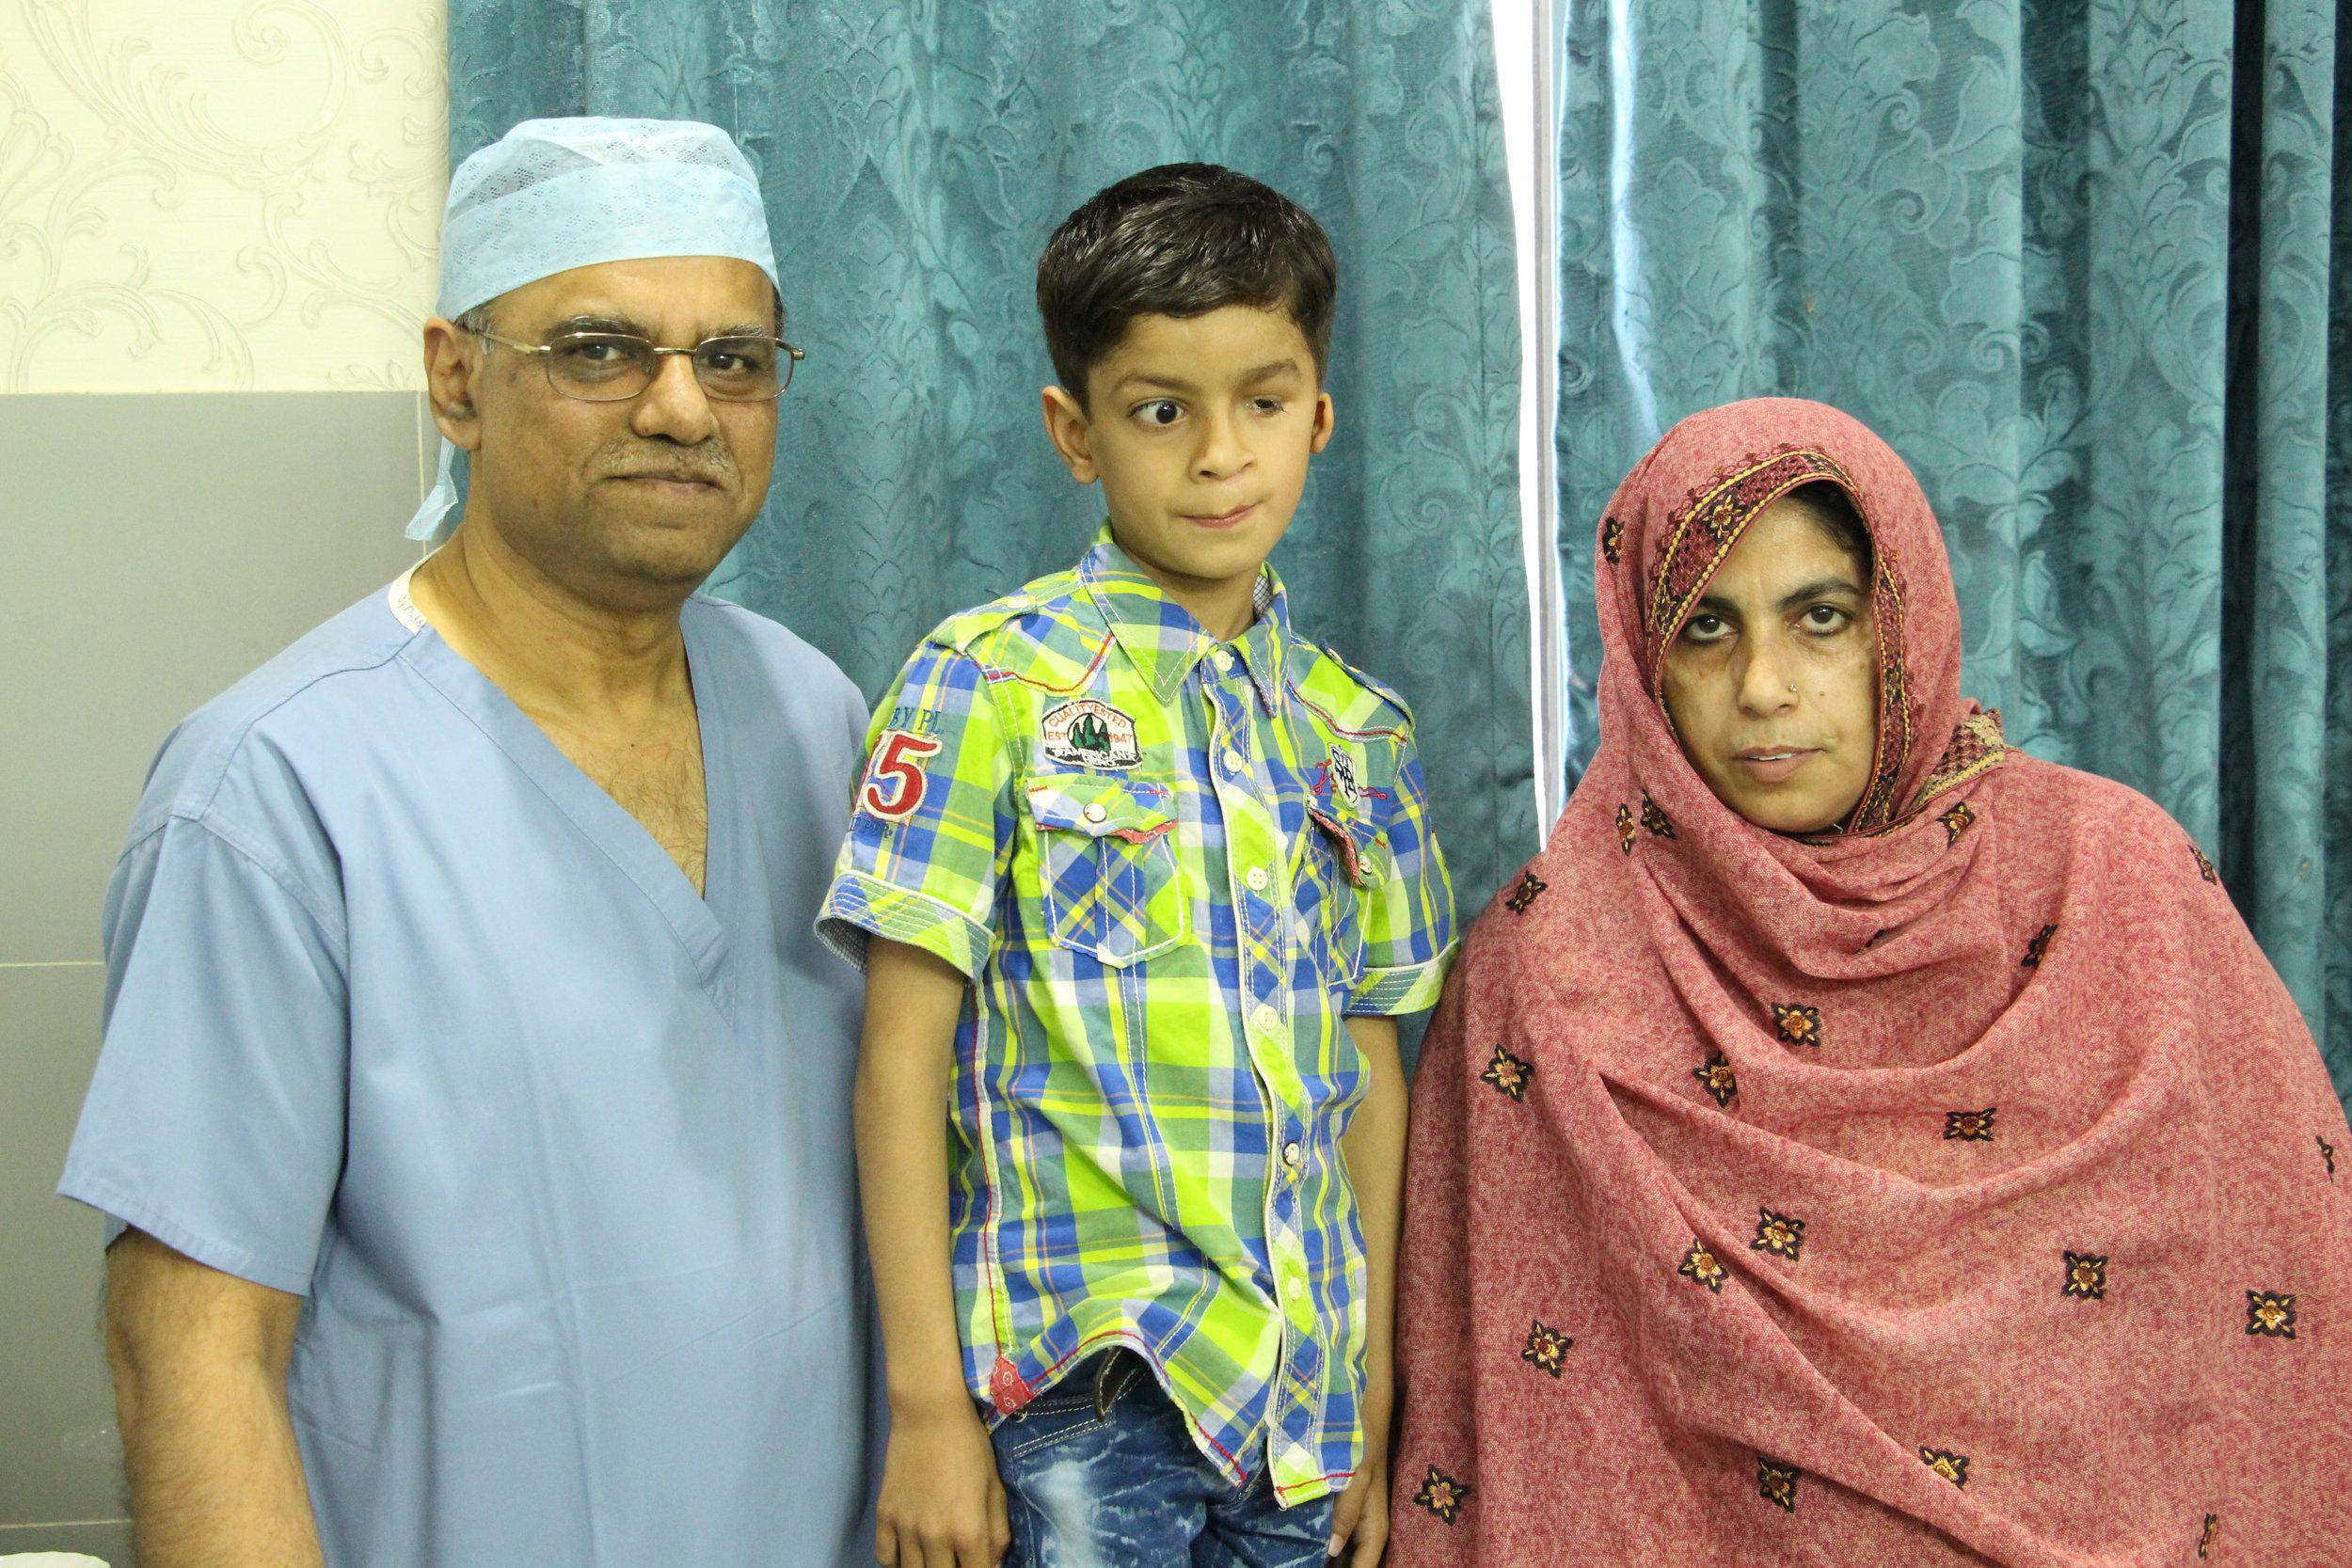 Dr Rafique with Faizan Ali and Faizan's mother Tahira